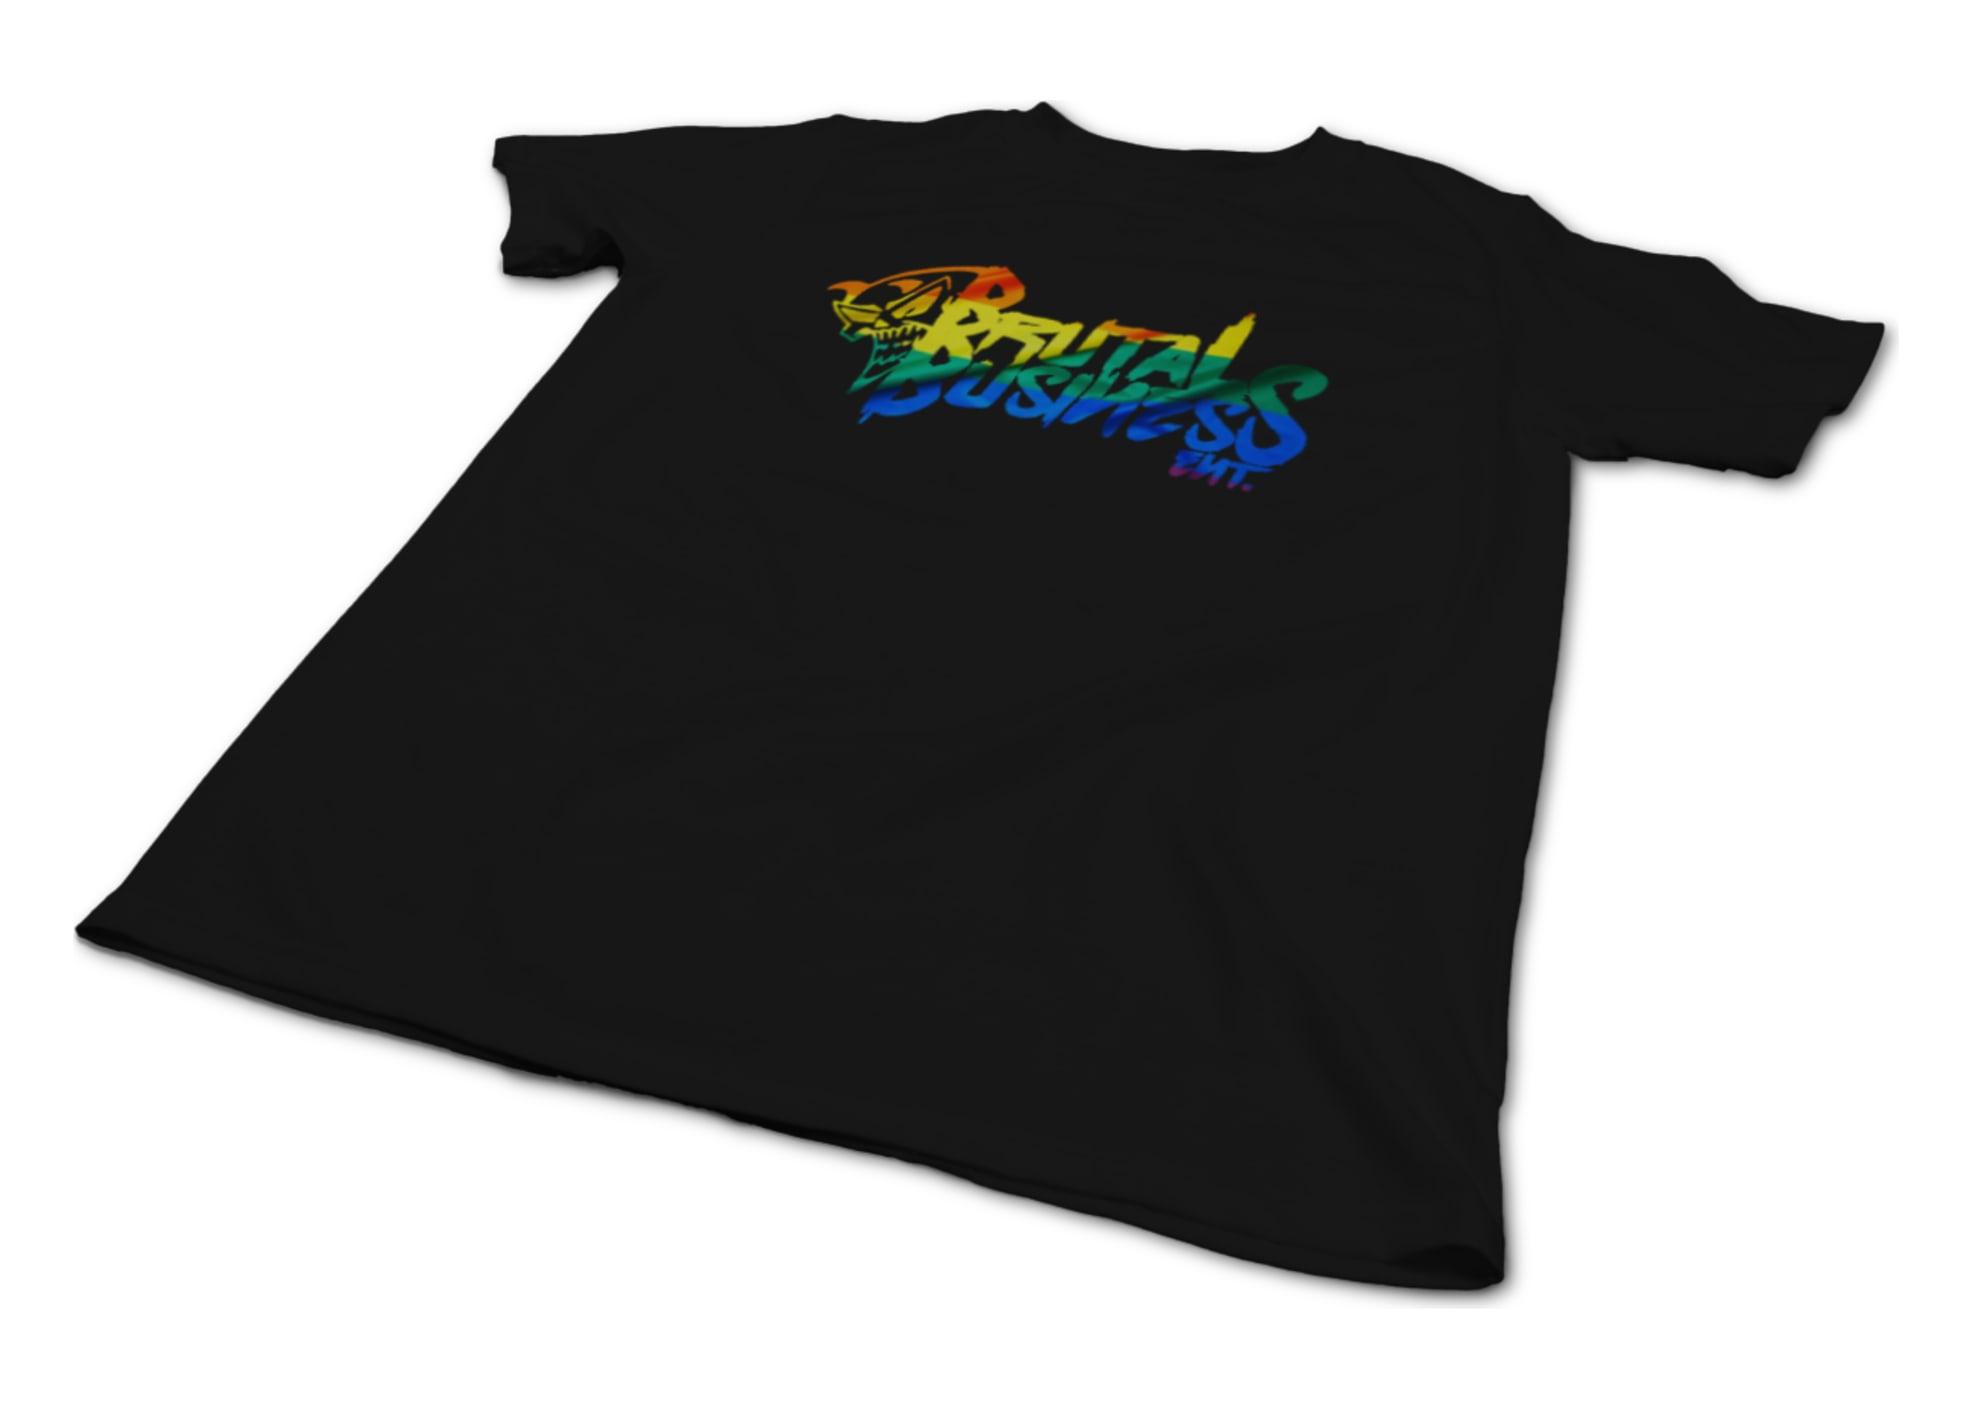 Brutal business pride 1621213738